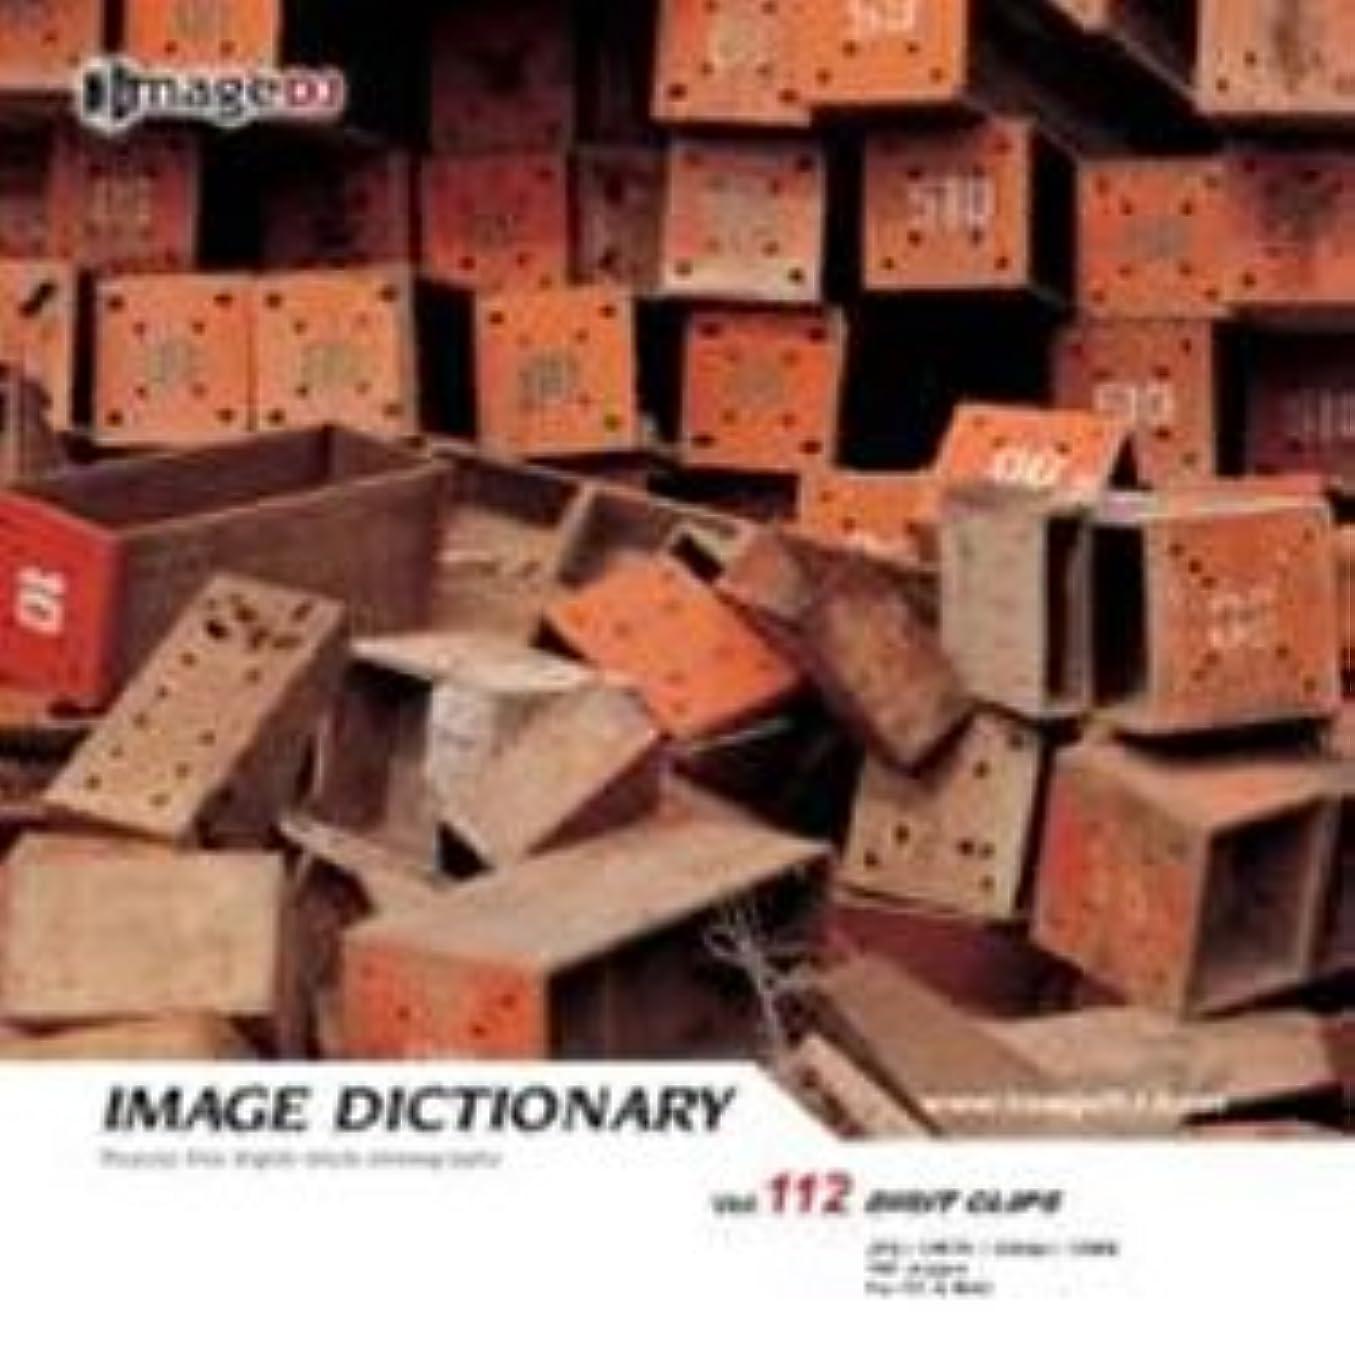 野菜ビルマ花イメージ ディクショナリー Vol.112 数字切貼